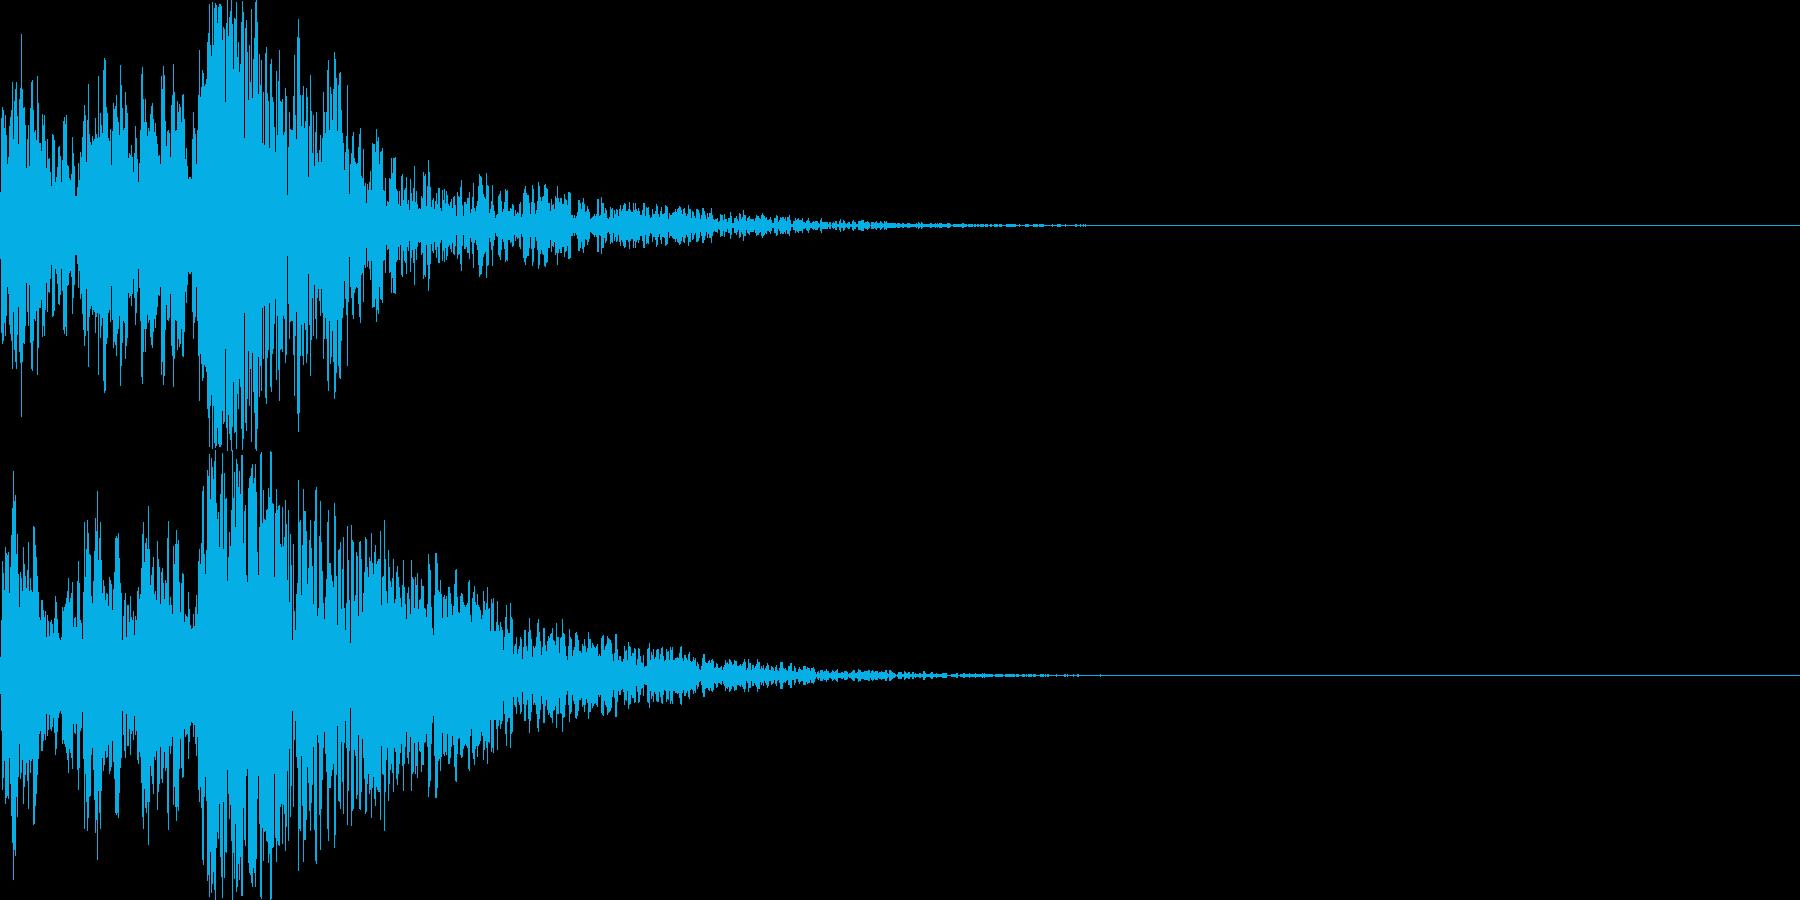 鼓(つづみ)太鼓のフレーズ ジングル2bの再生済みの波形